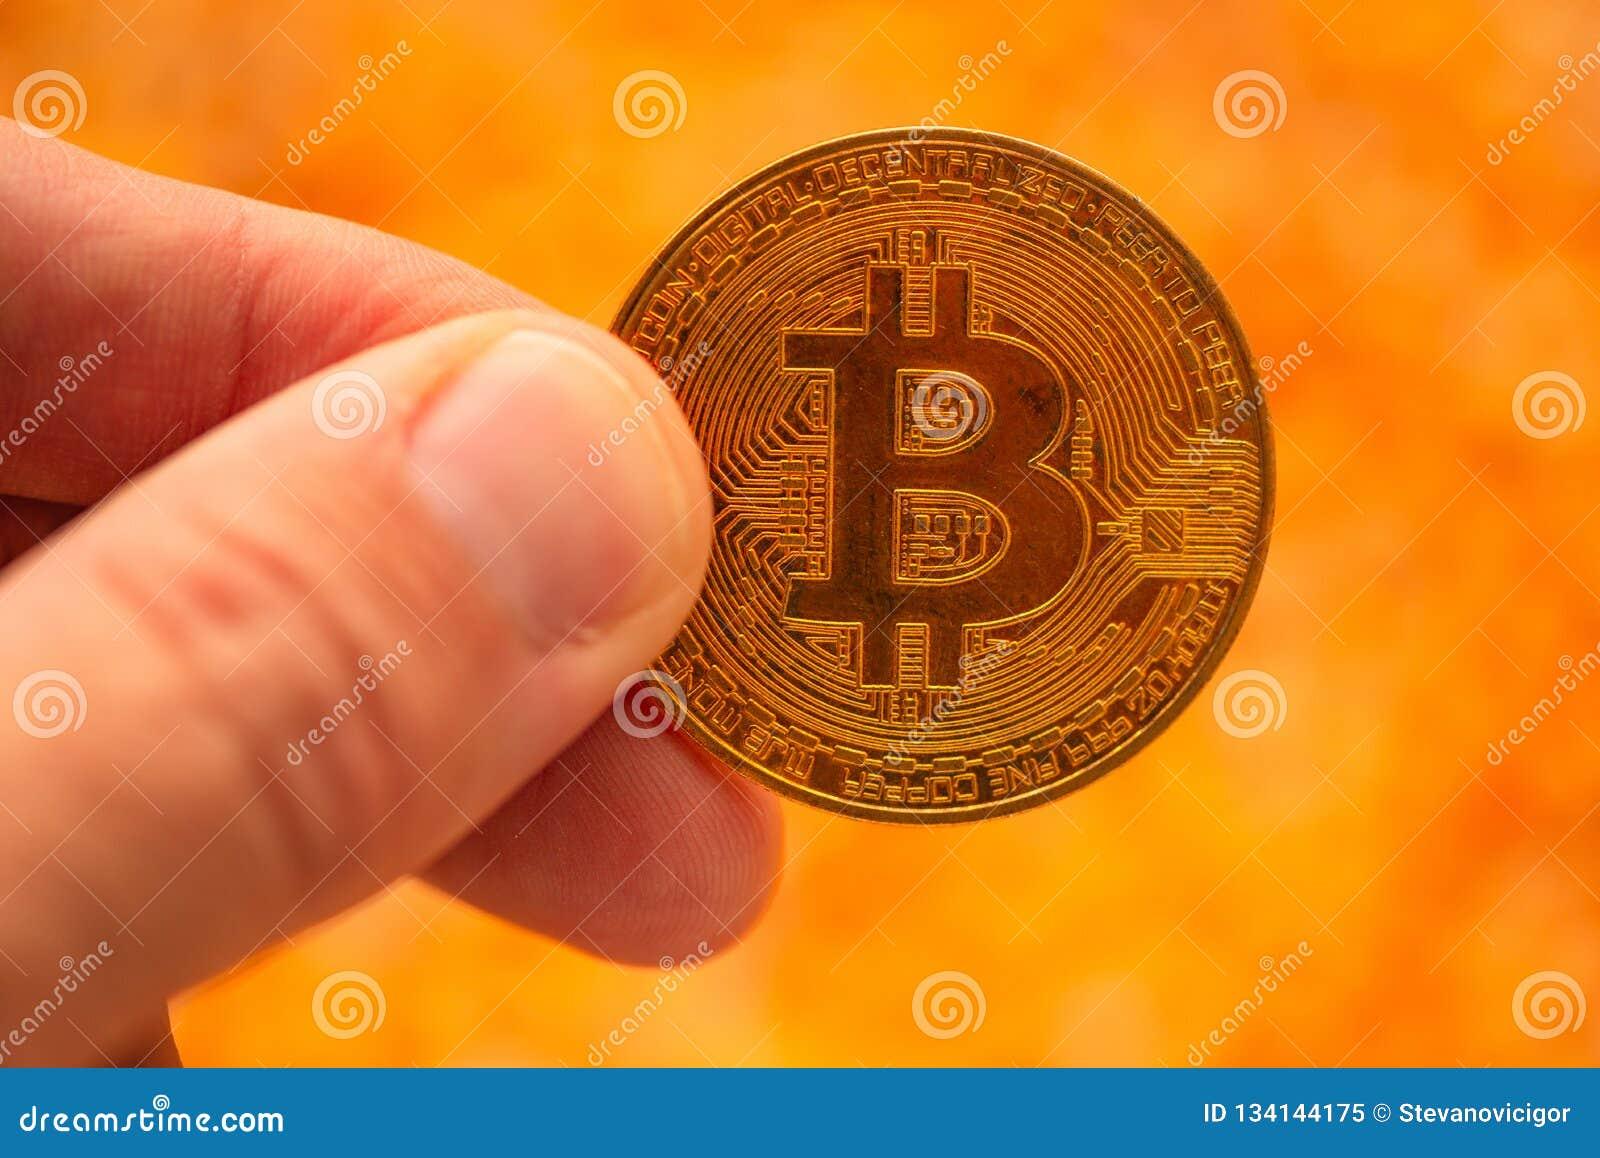 Bitcoin ter beschikking over de hoop van graanpitten